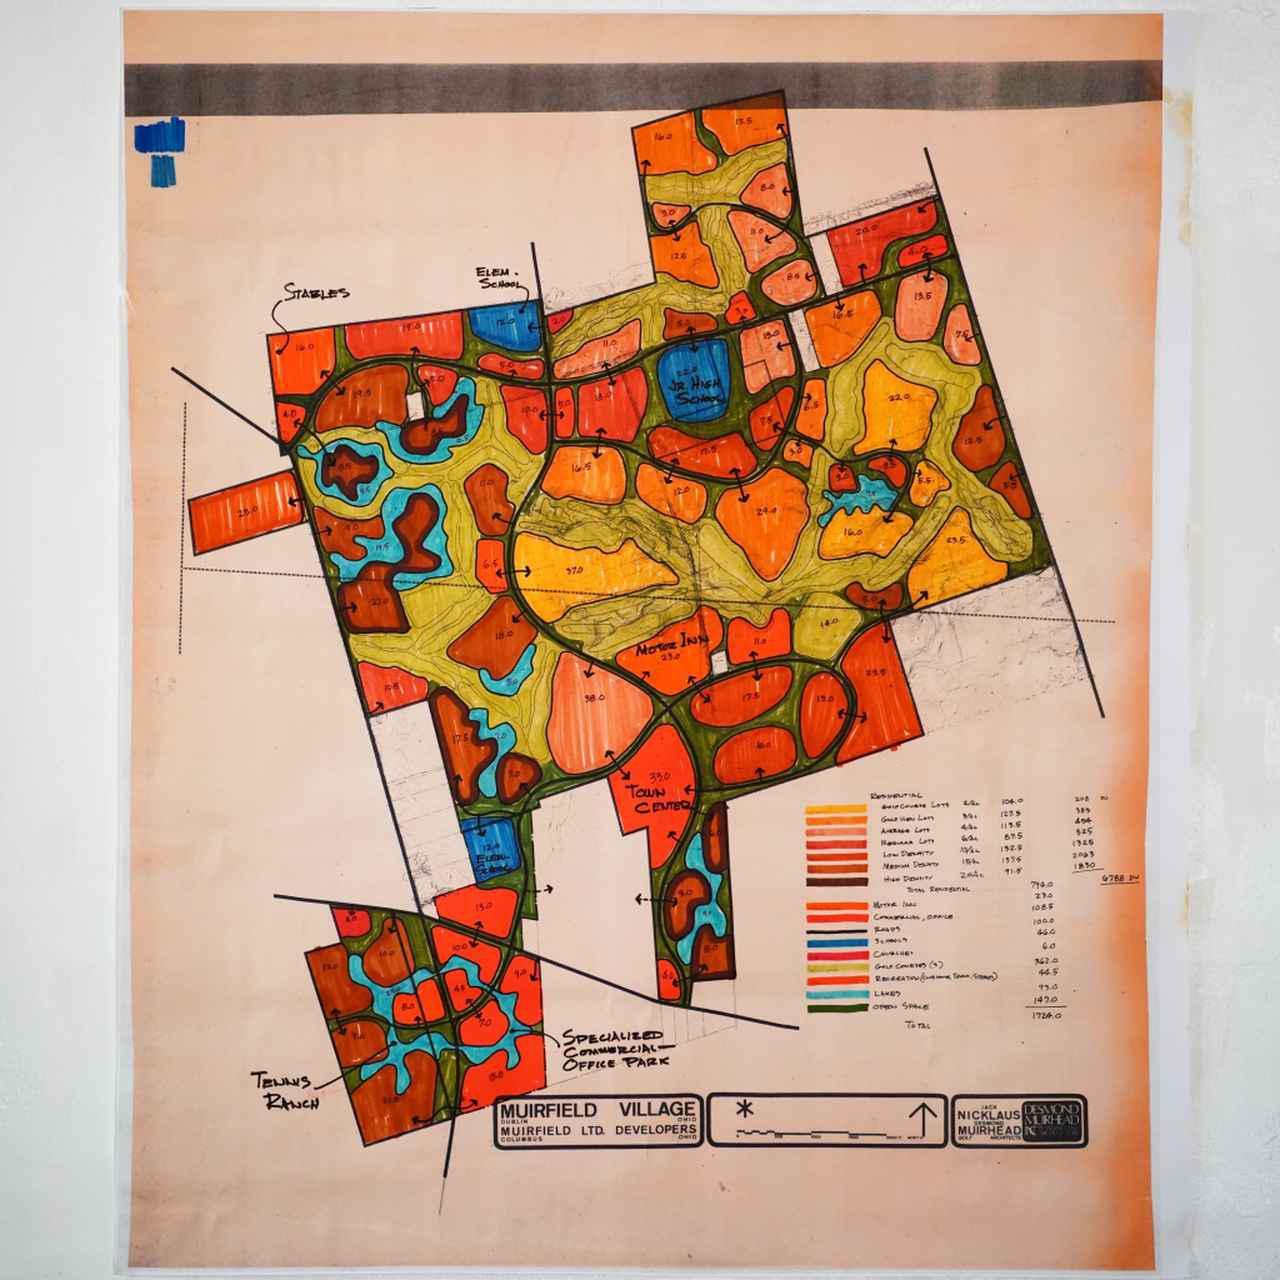 画像: こちらは1970年代に造った米国の「ミュアフィールドヴィレッジ」図面だ